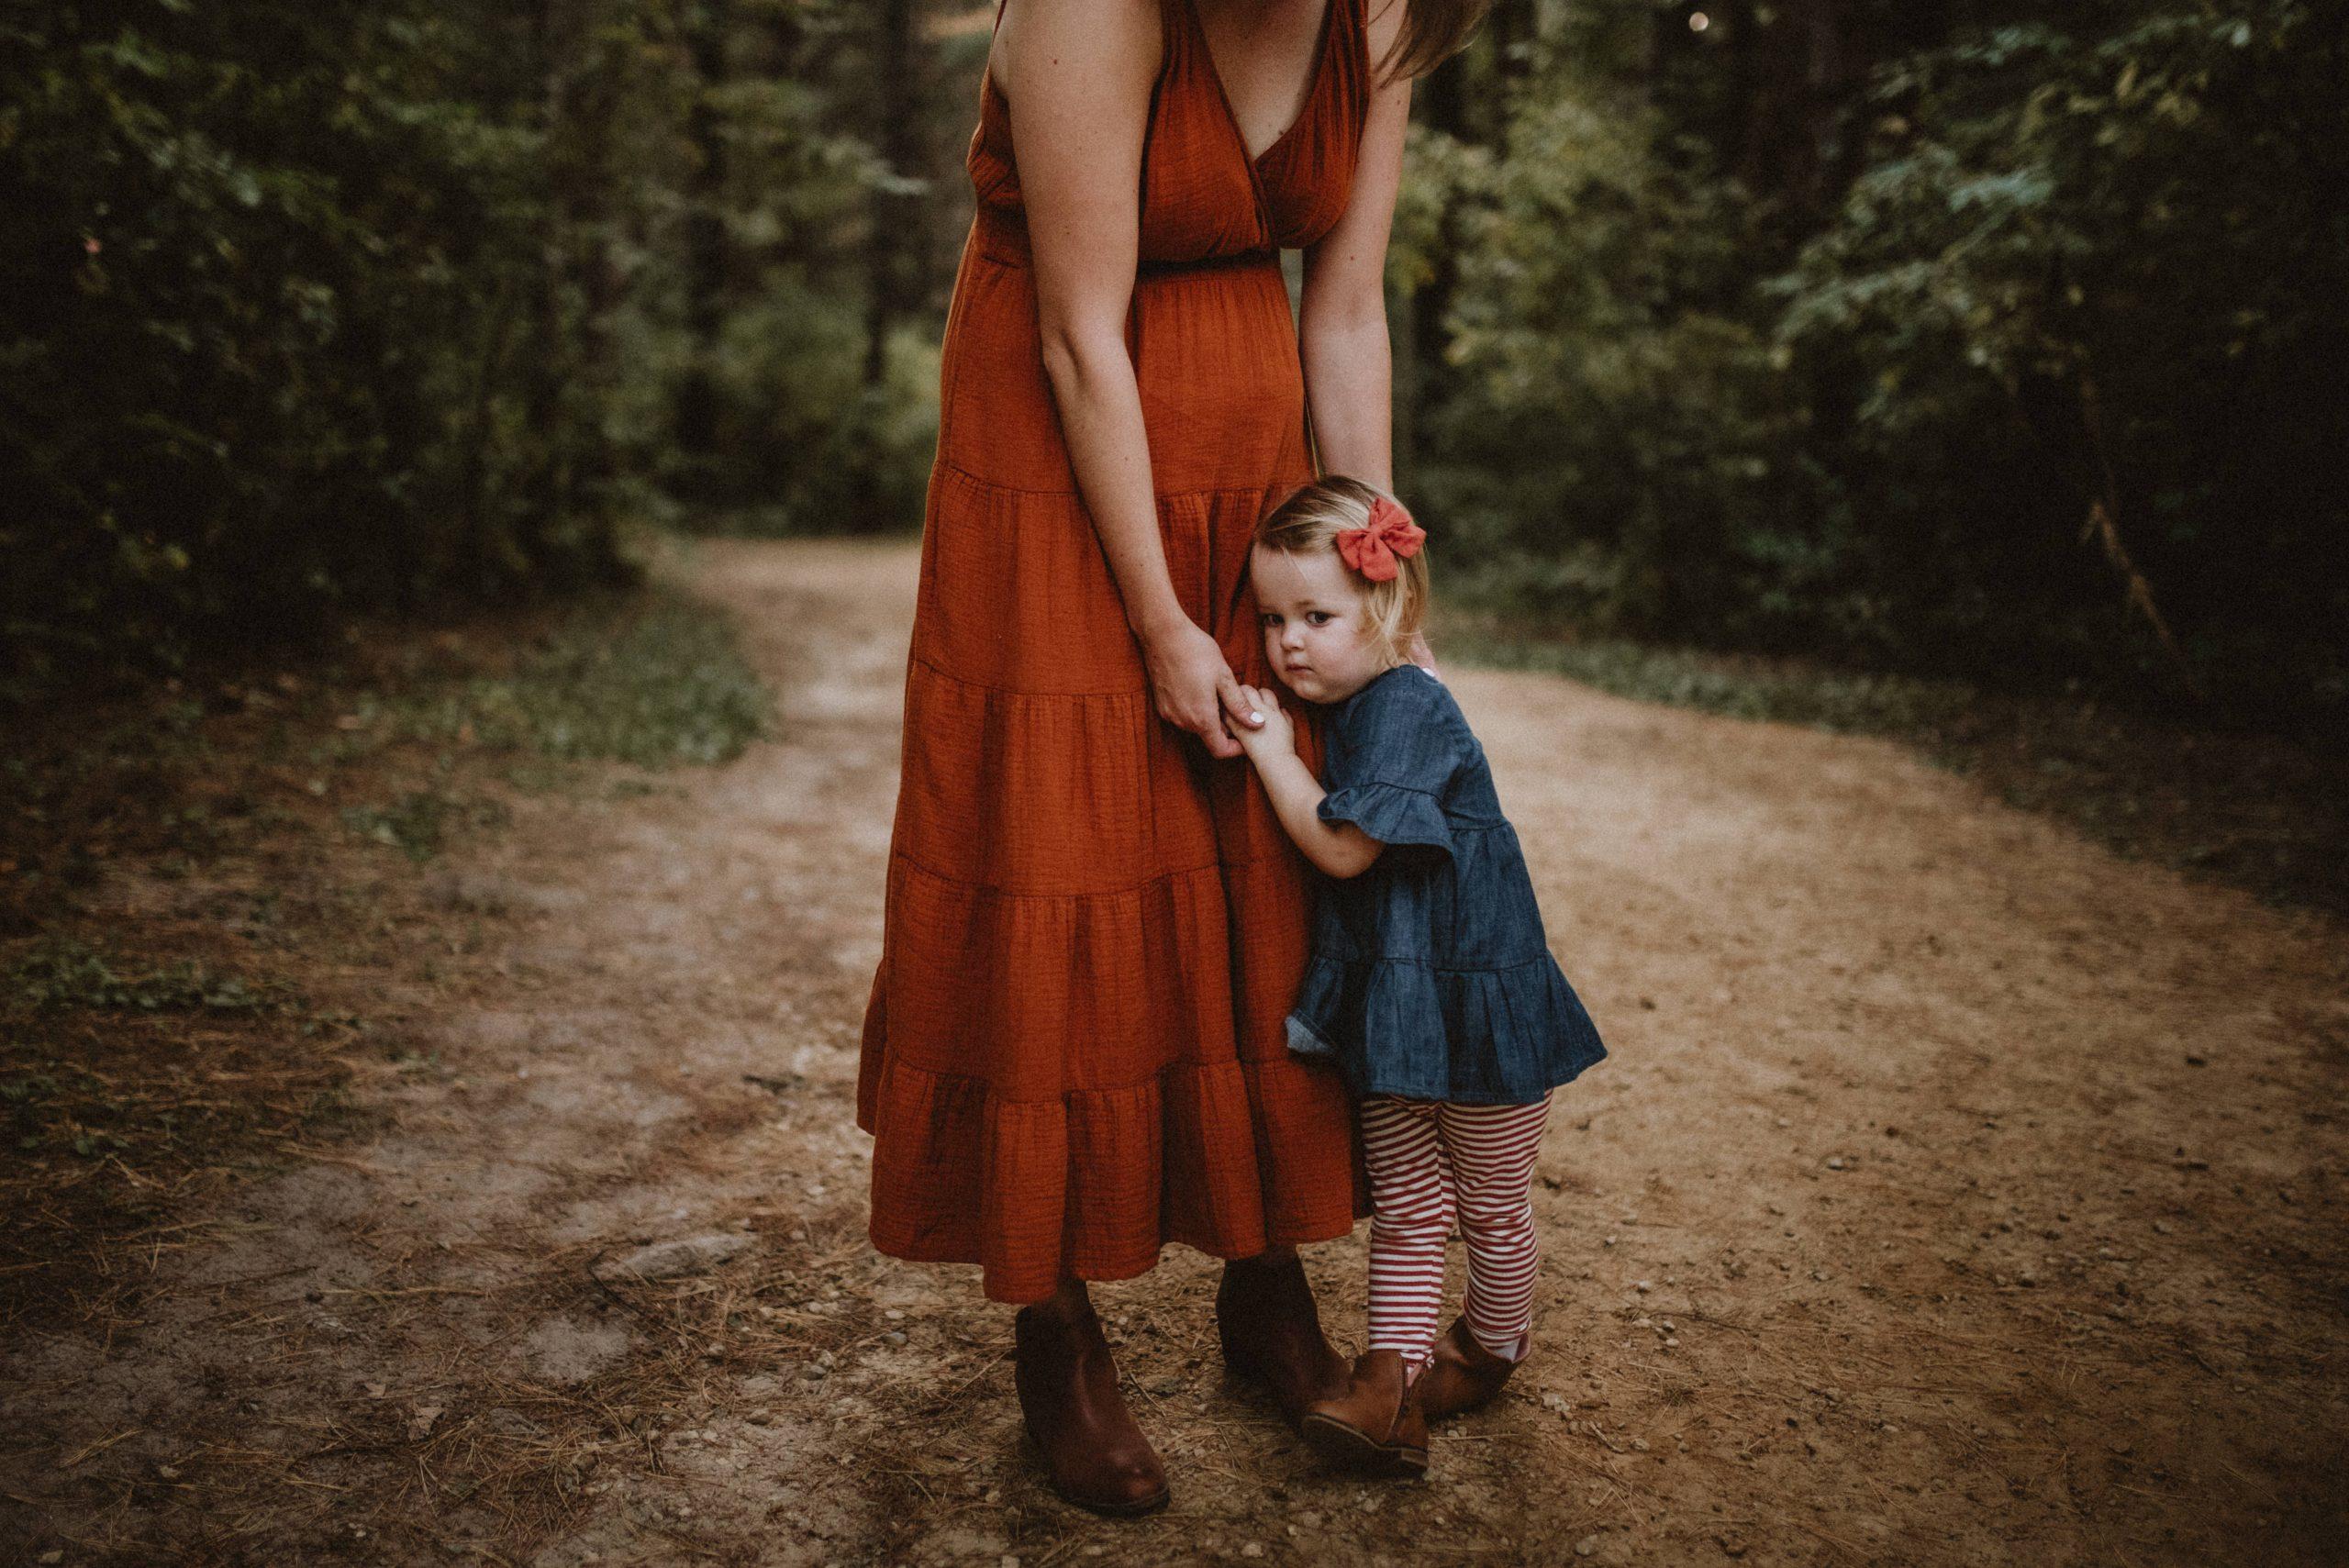 Little girl hugging her mom's legs in forest